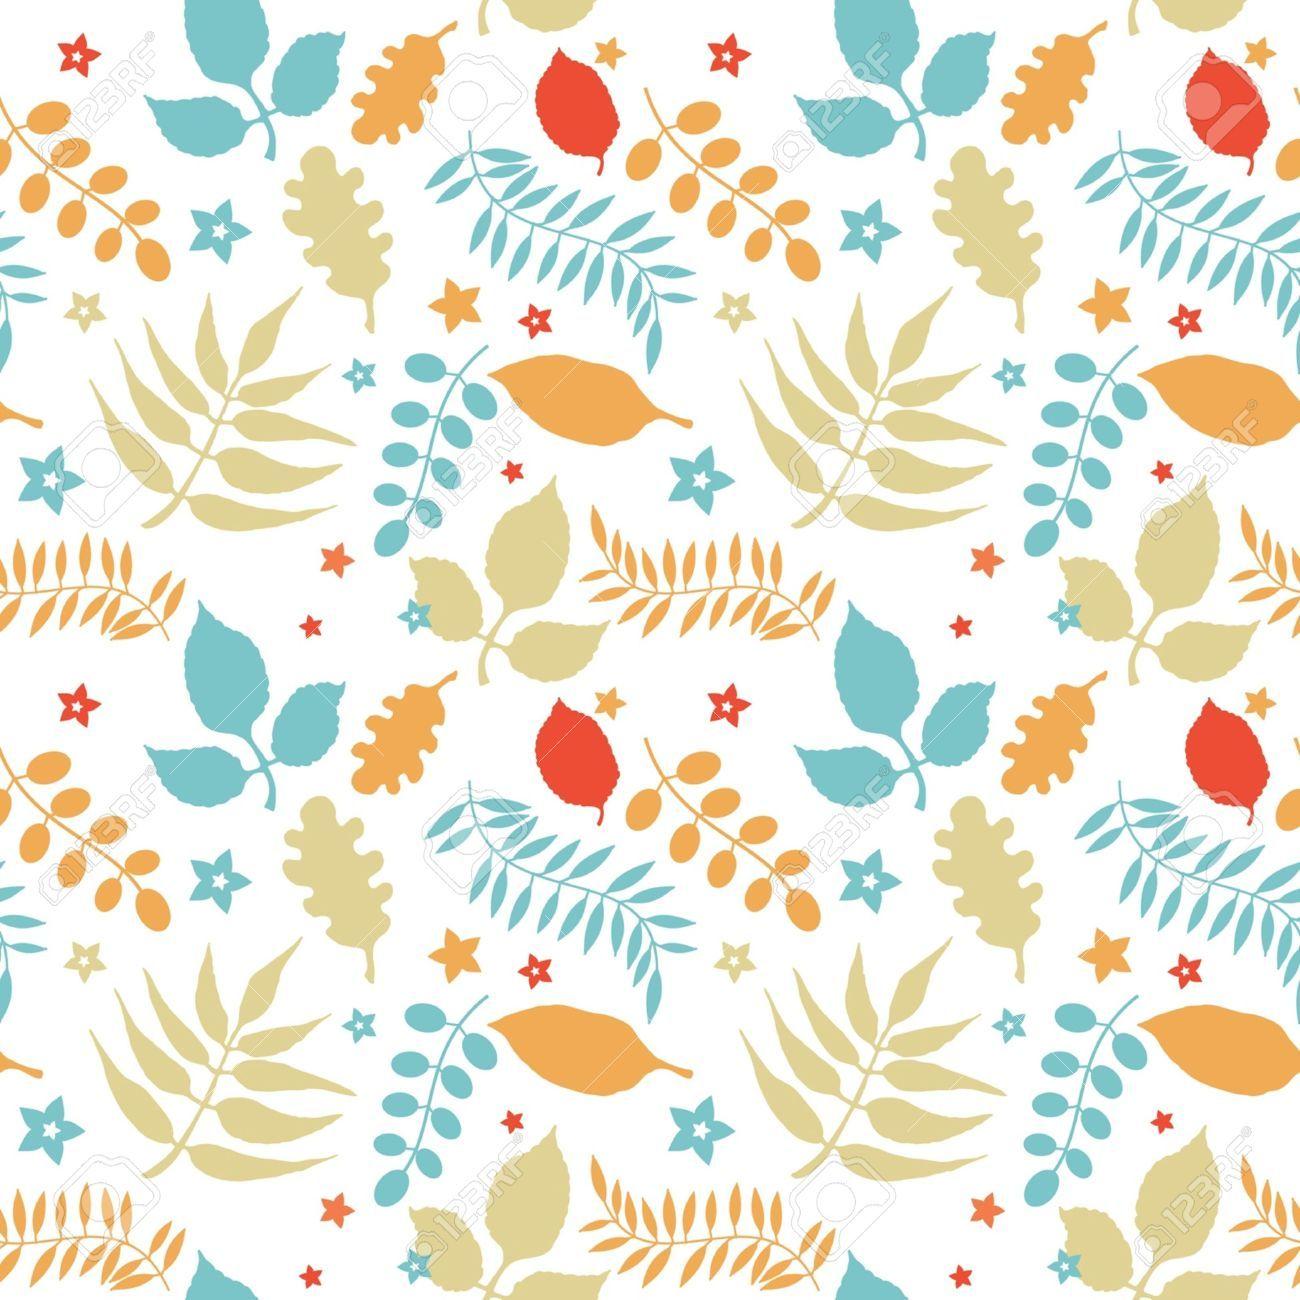 Hojas decorativas para imprimir yahoo image search - Fotos decorativas ...